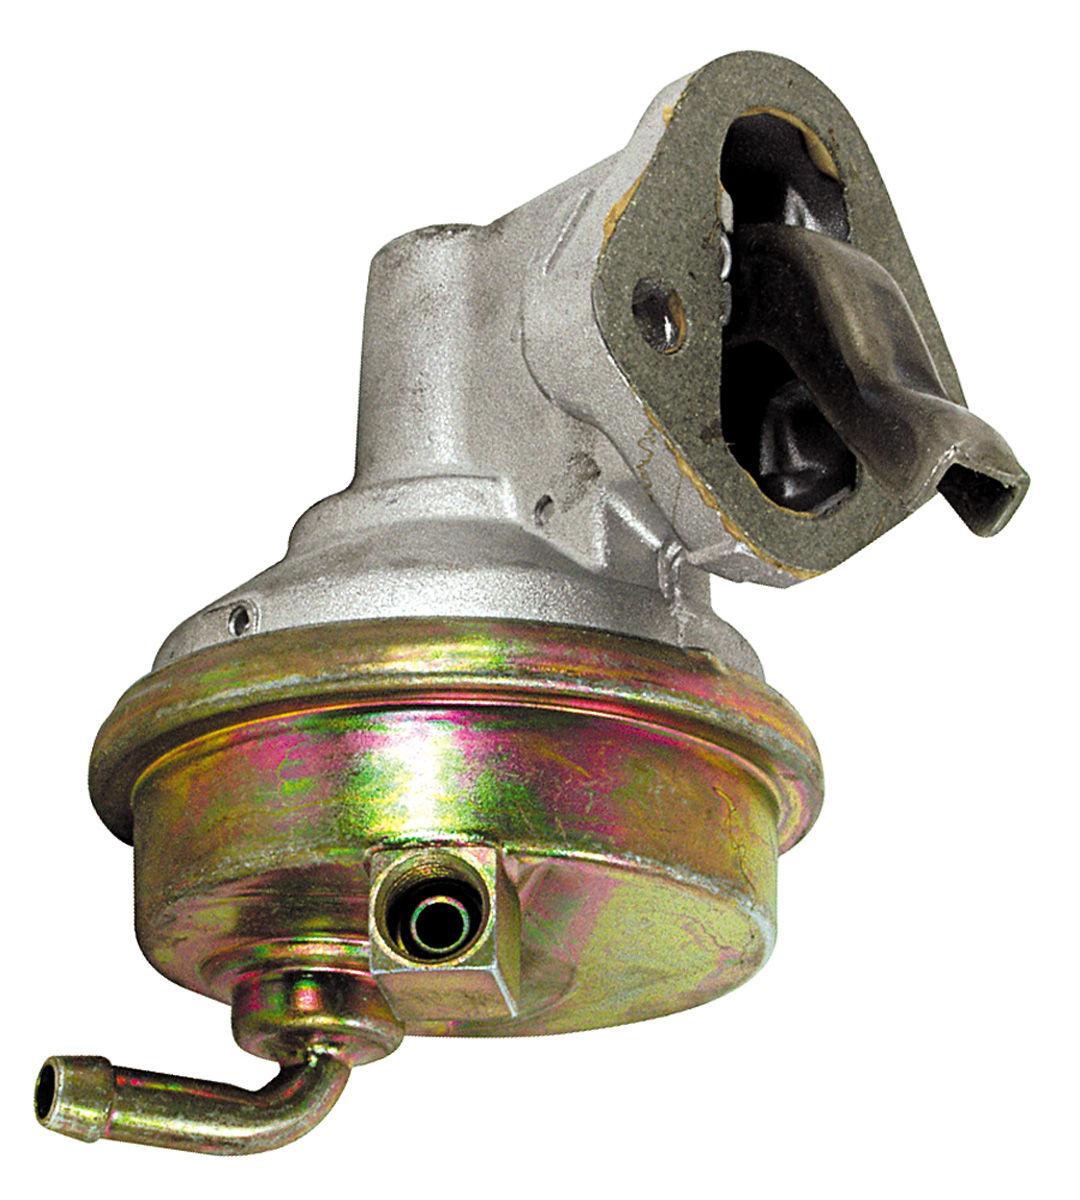 Photo of Fuel Pump, Original GM 283 w/2-BBL